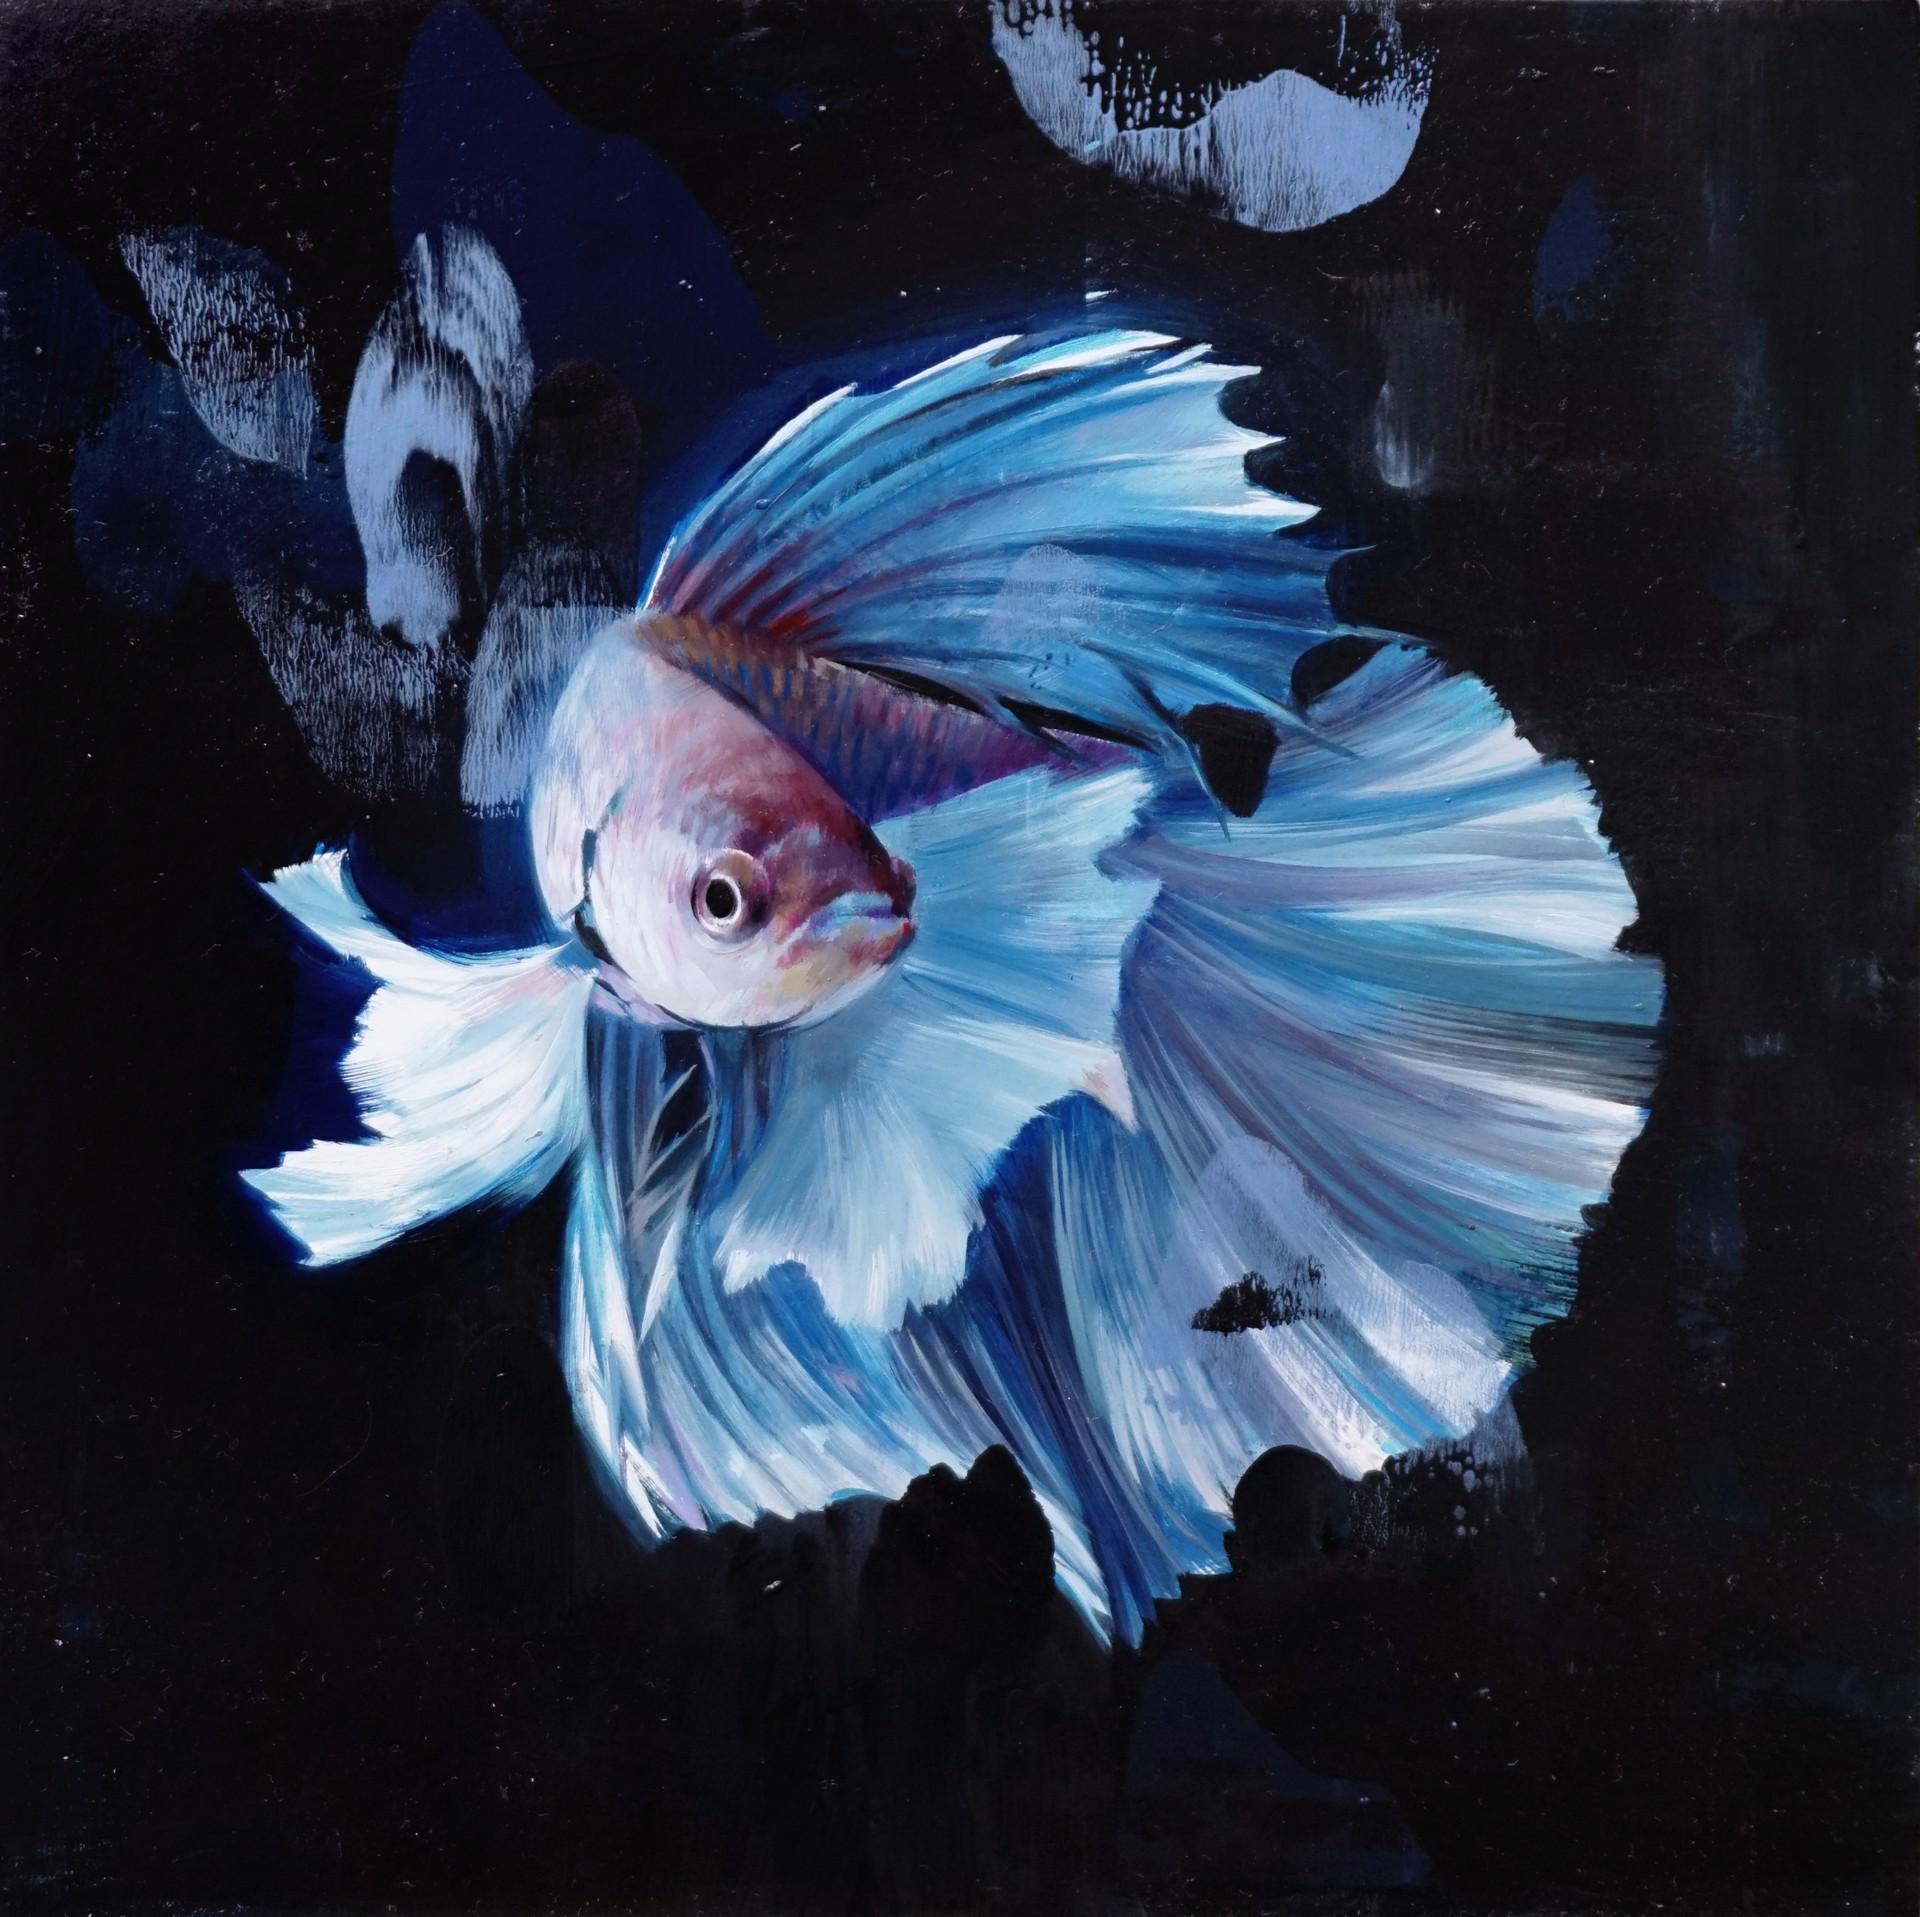 Blue Betta by Alpay Efe